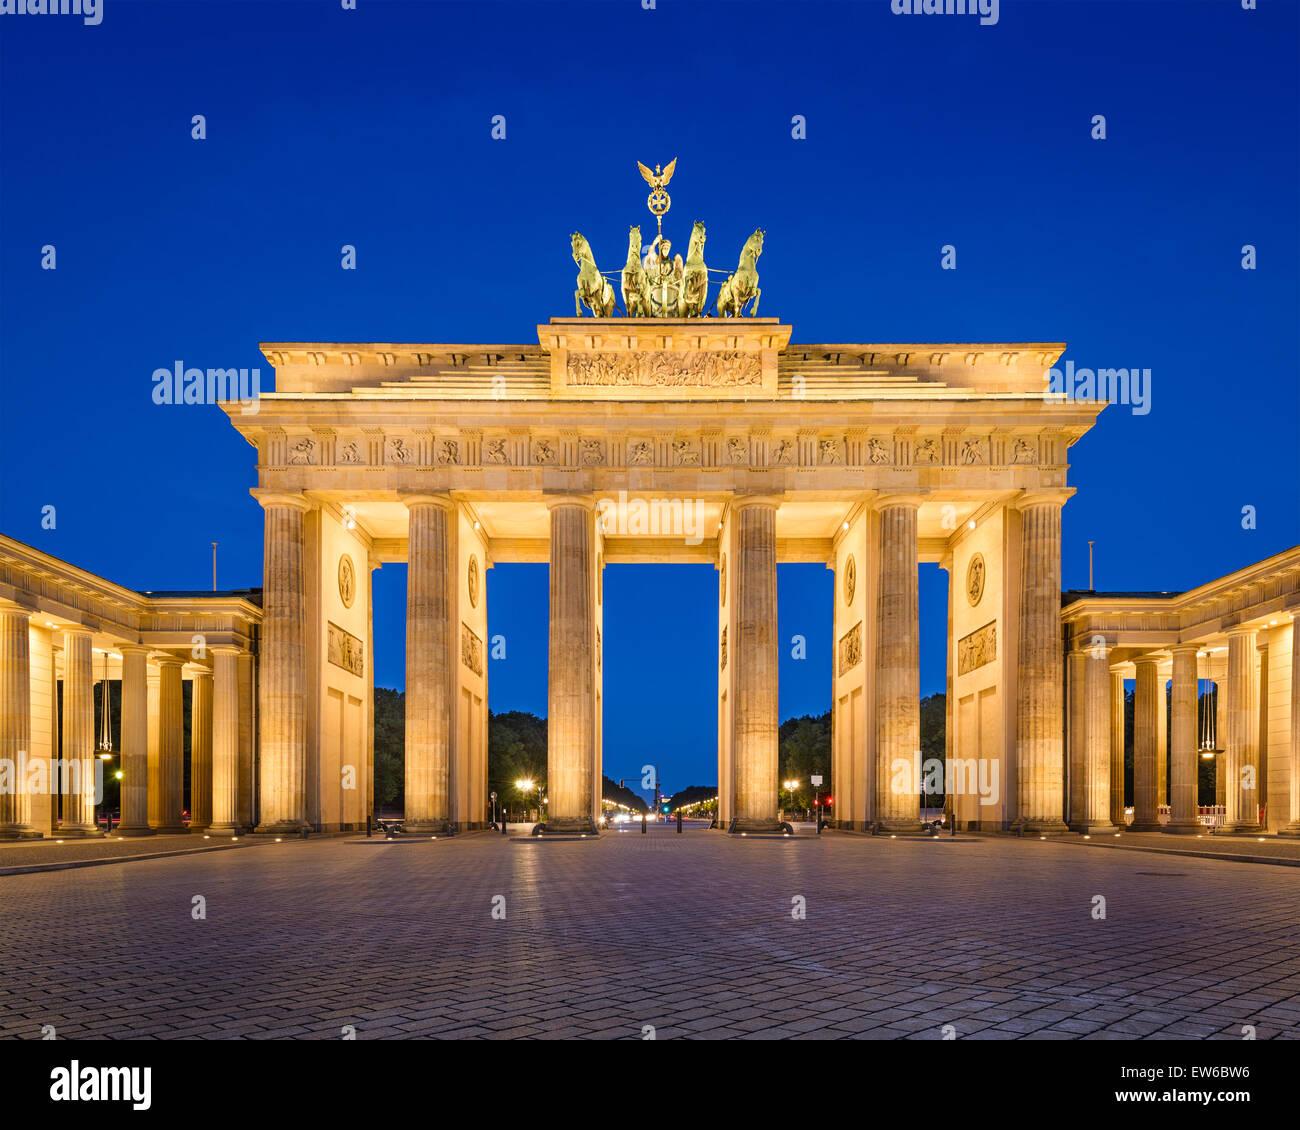 Berlino, Germania presso la Porta di Brandeburgo. Immagini Stock